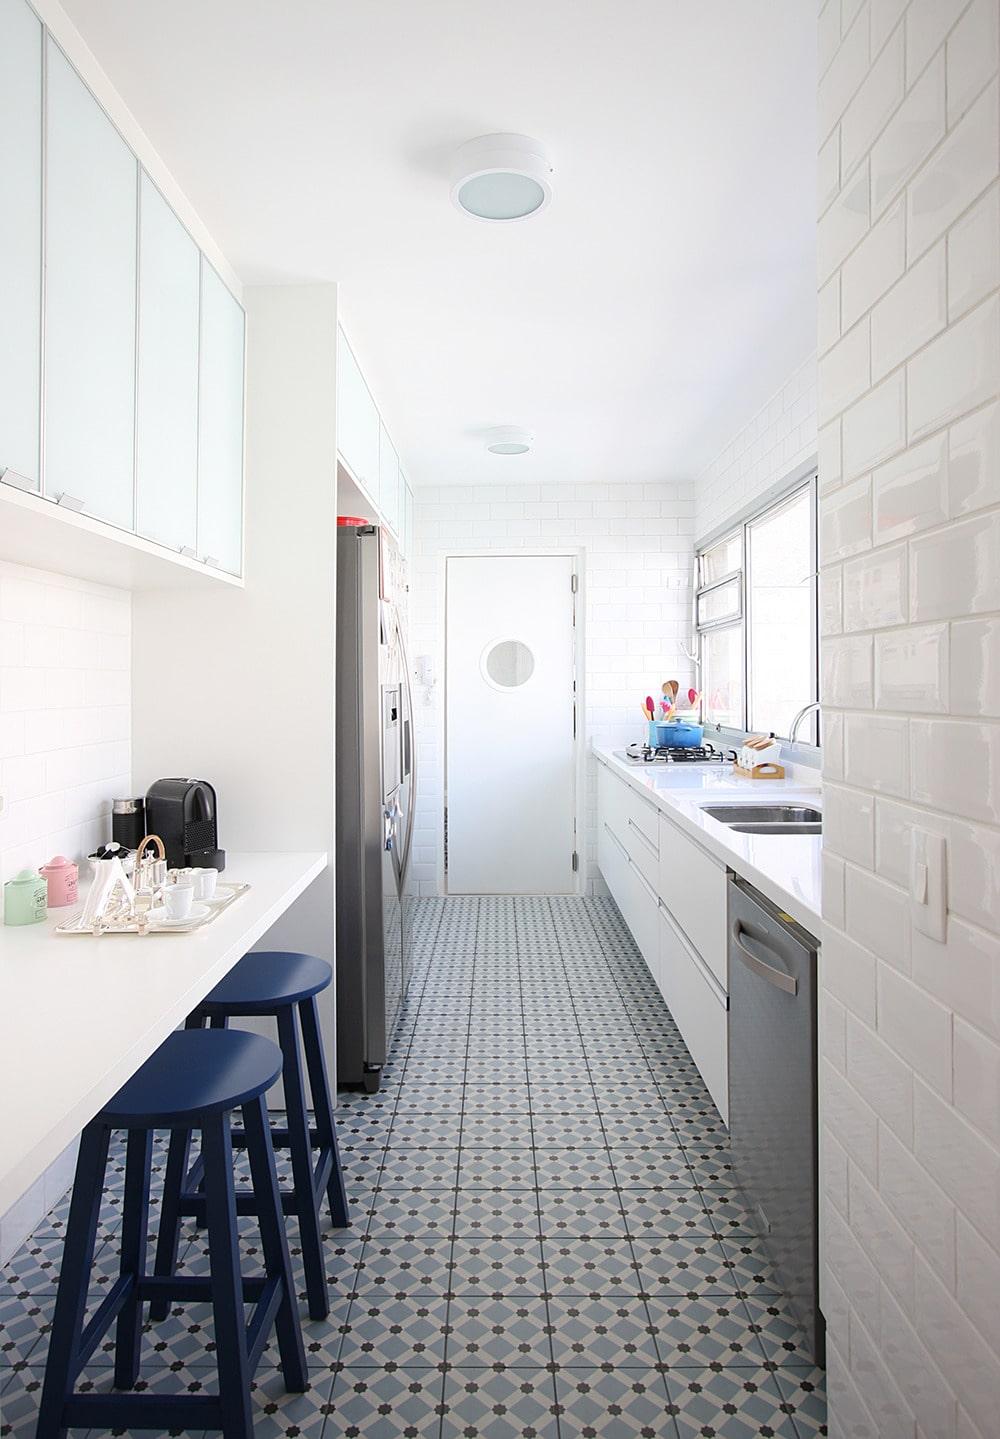 Чтобы сделать интерьер уютным, стильным и комфортным - дизайн-проект узкой кухни лучше разработать заранее